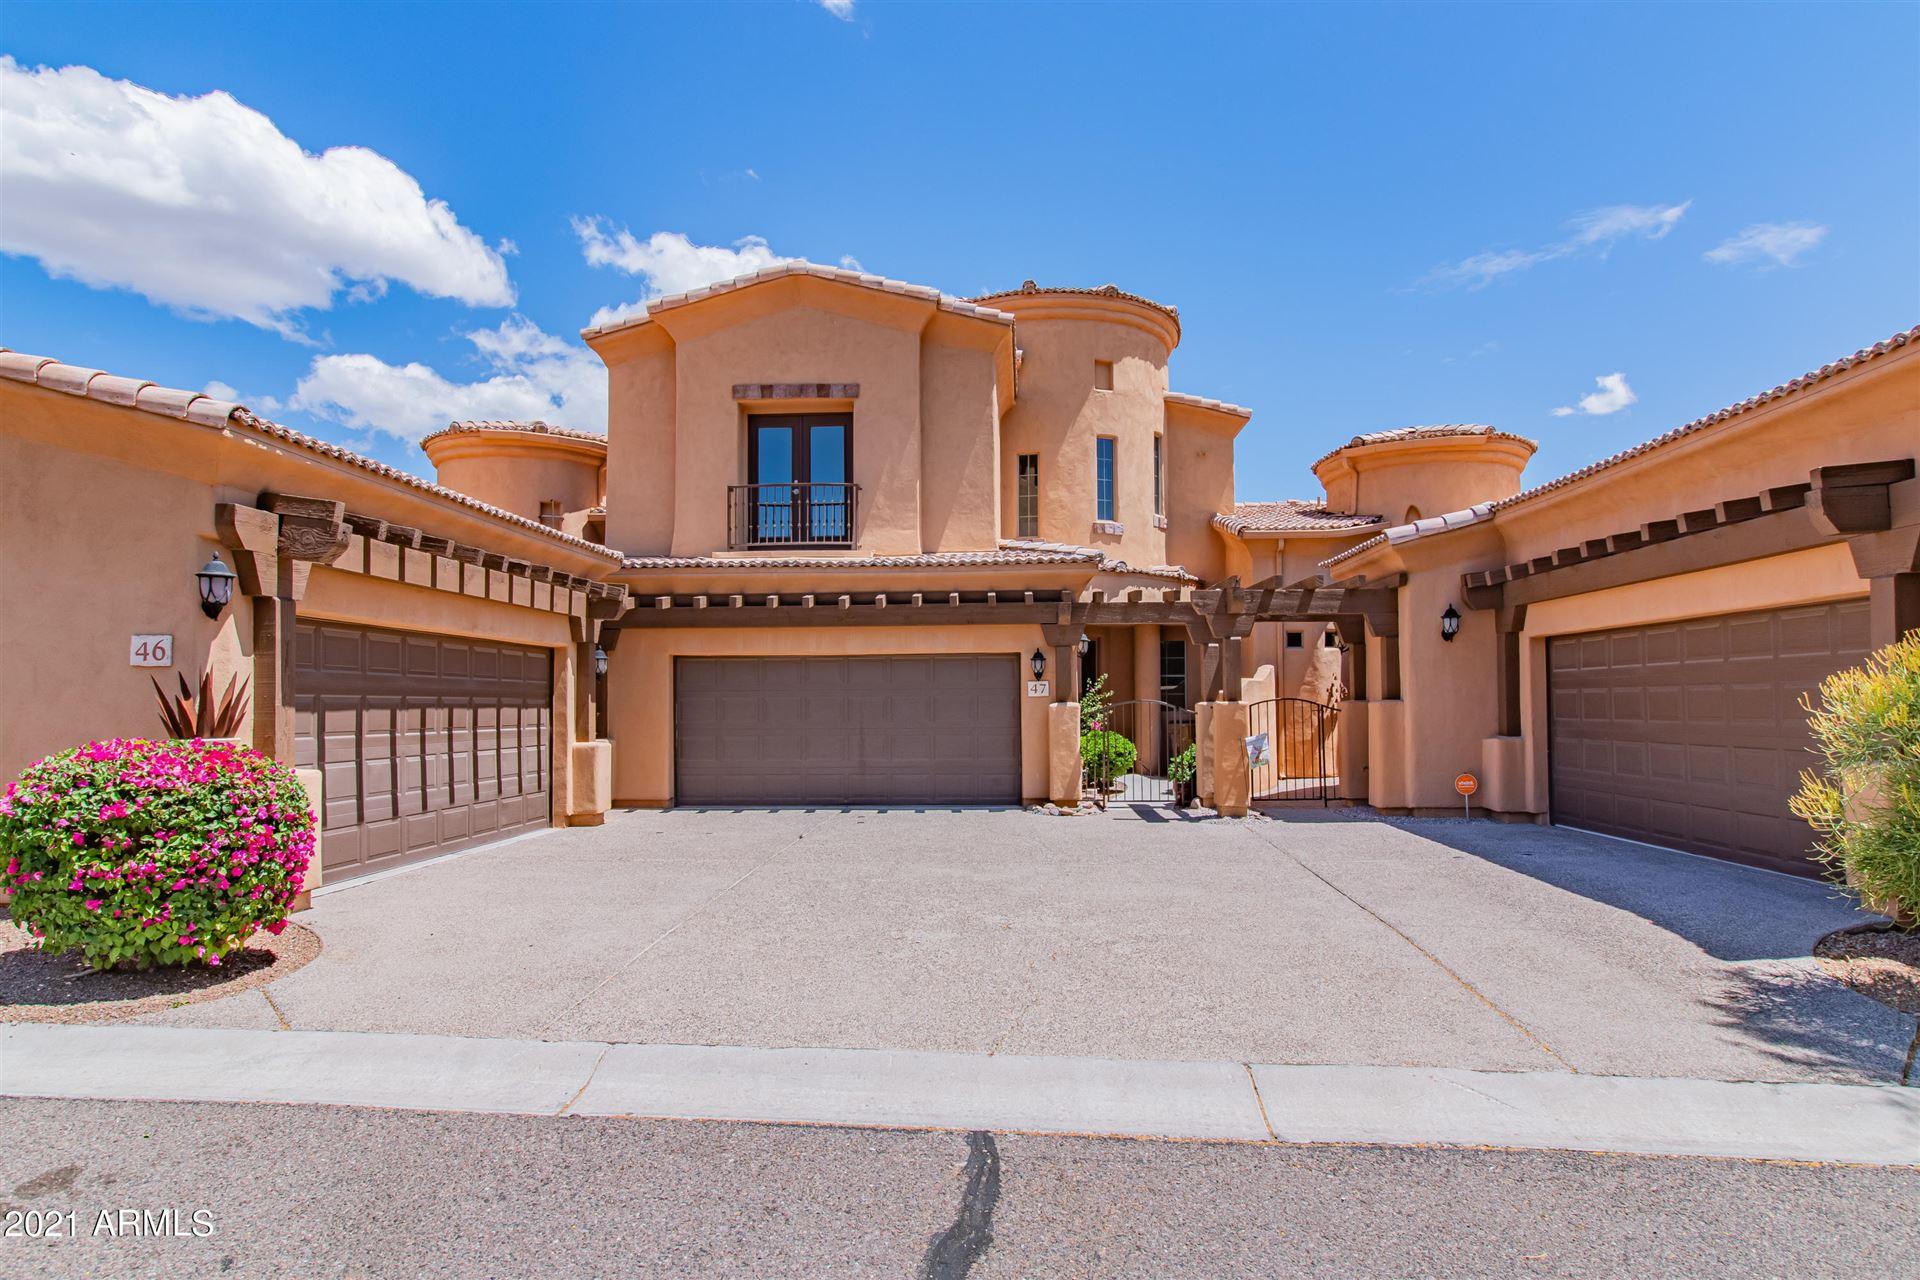 5370 S DESERT DAWN Drive #47, Gold Canyon, AZ 85118 - MLS#: 6251555